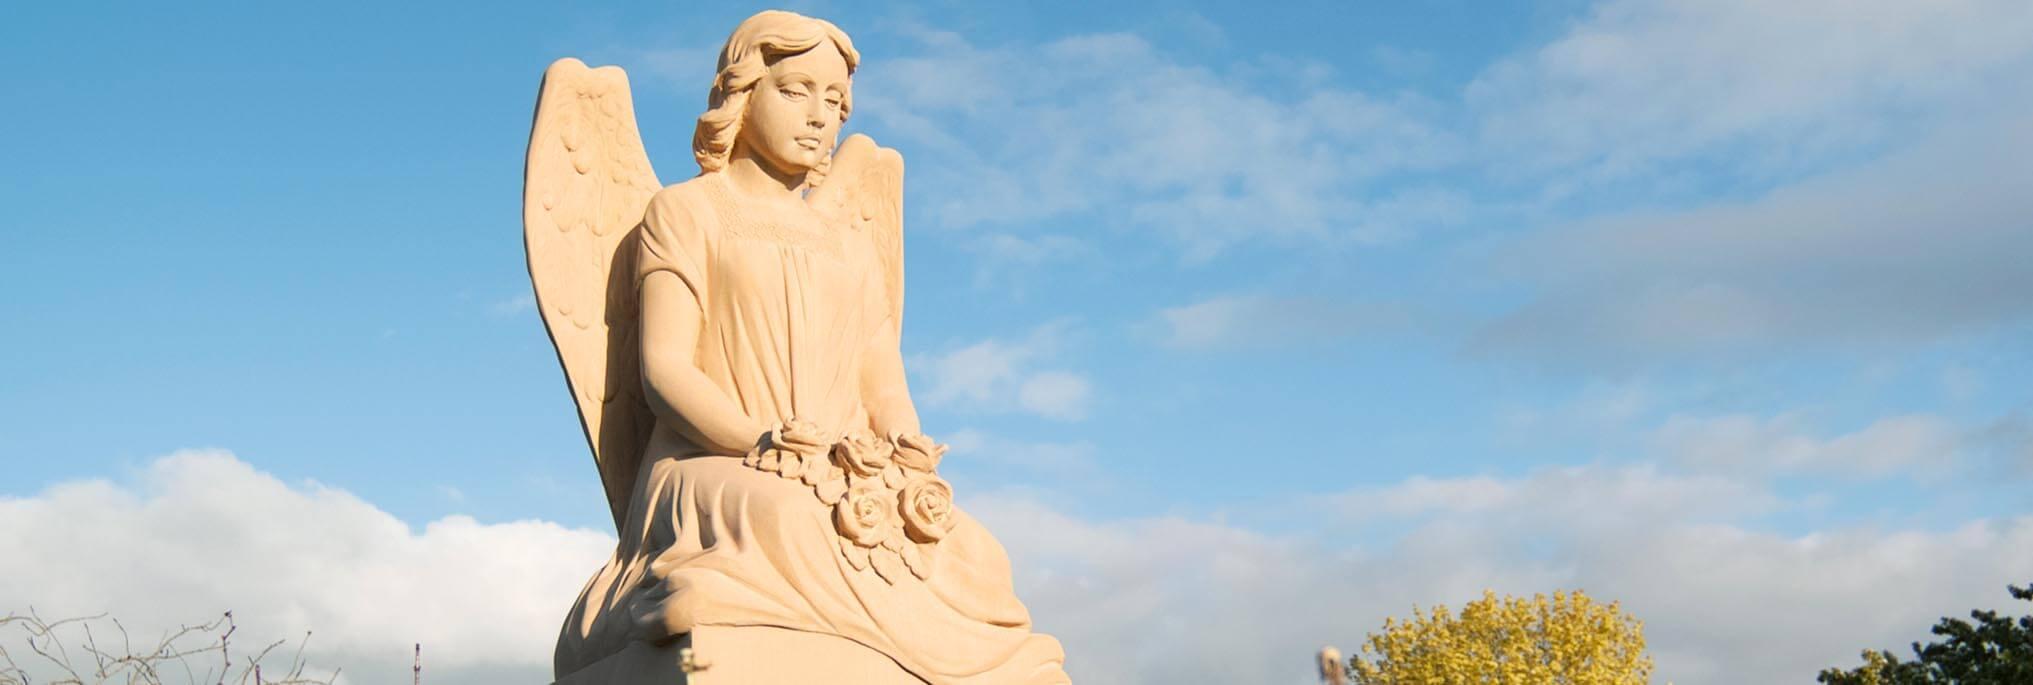 Engelgrabsteine|br|Einzigartig & Exklusiv, Wir bieten eine einzigartige Auswahl an|br|hochwertigen Motiv-Grabsteinen und|br|stilvollen Gedenksteinen mit Engeln, Madonnen oder Jesusfiguren|btn|Zu den Engel-Grabmalen